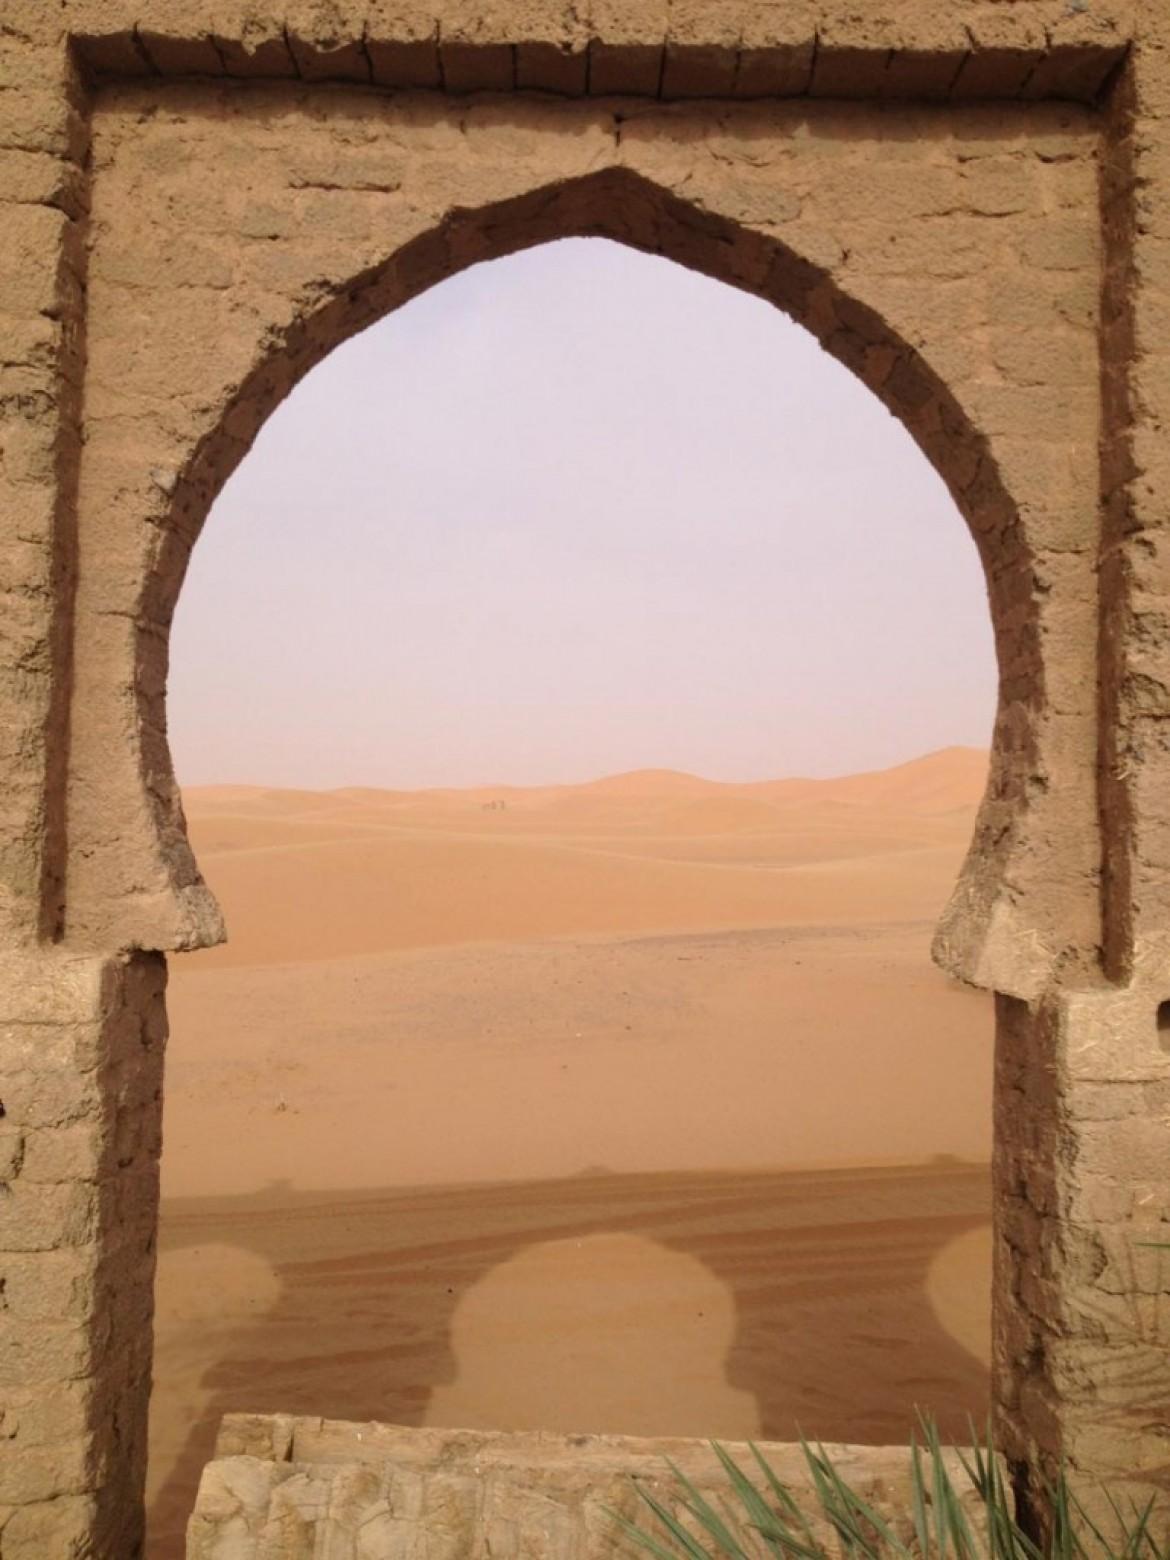 ¿Te sientes perdido en el desierto?